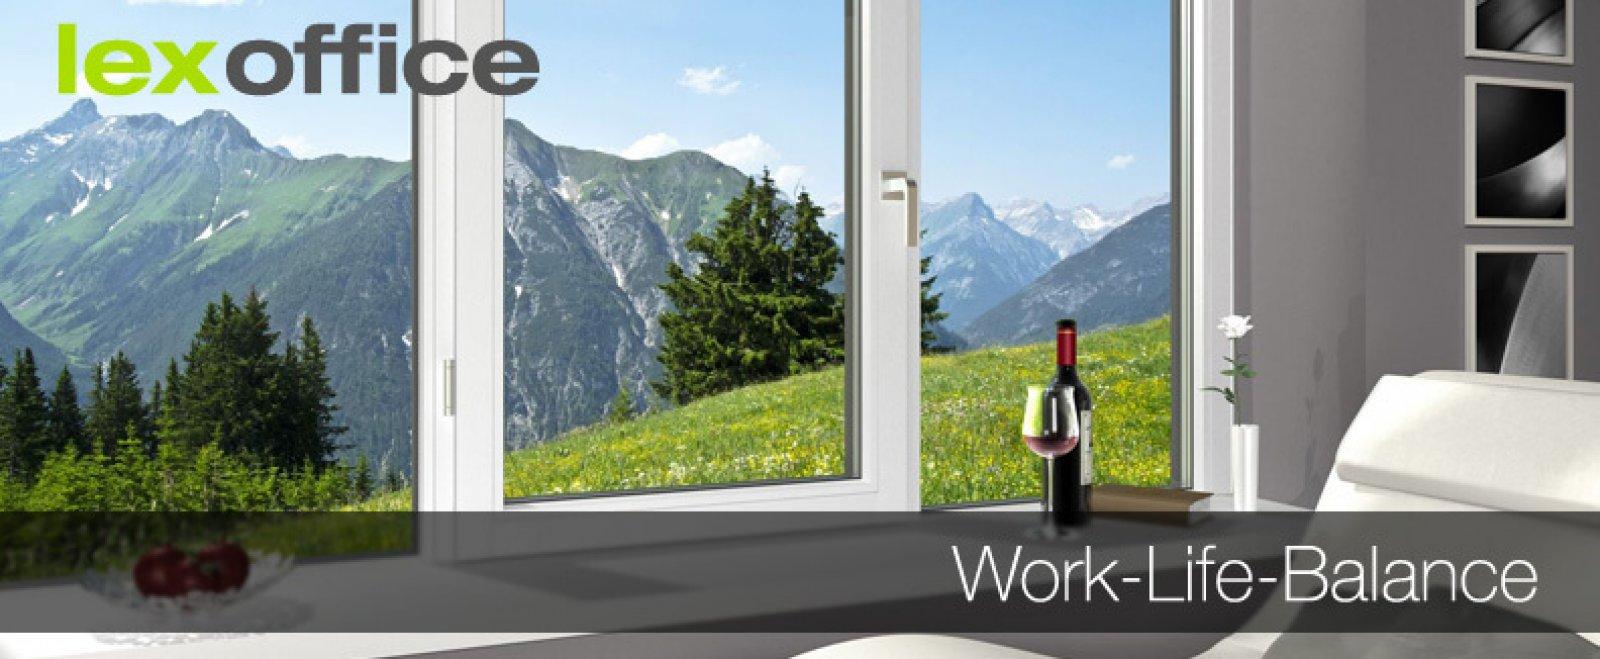 Wellness für die Seele, Streicheleinheiten für die Work-Life-Balance